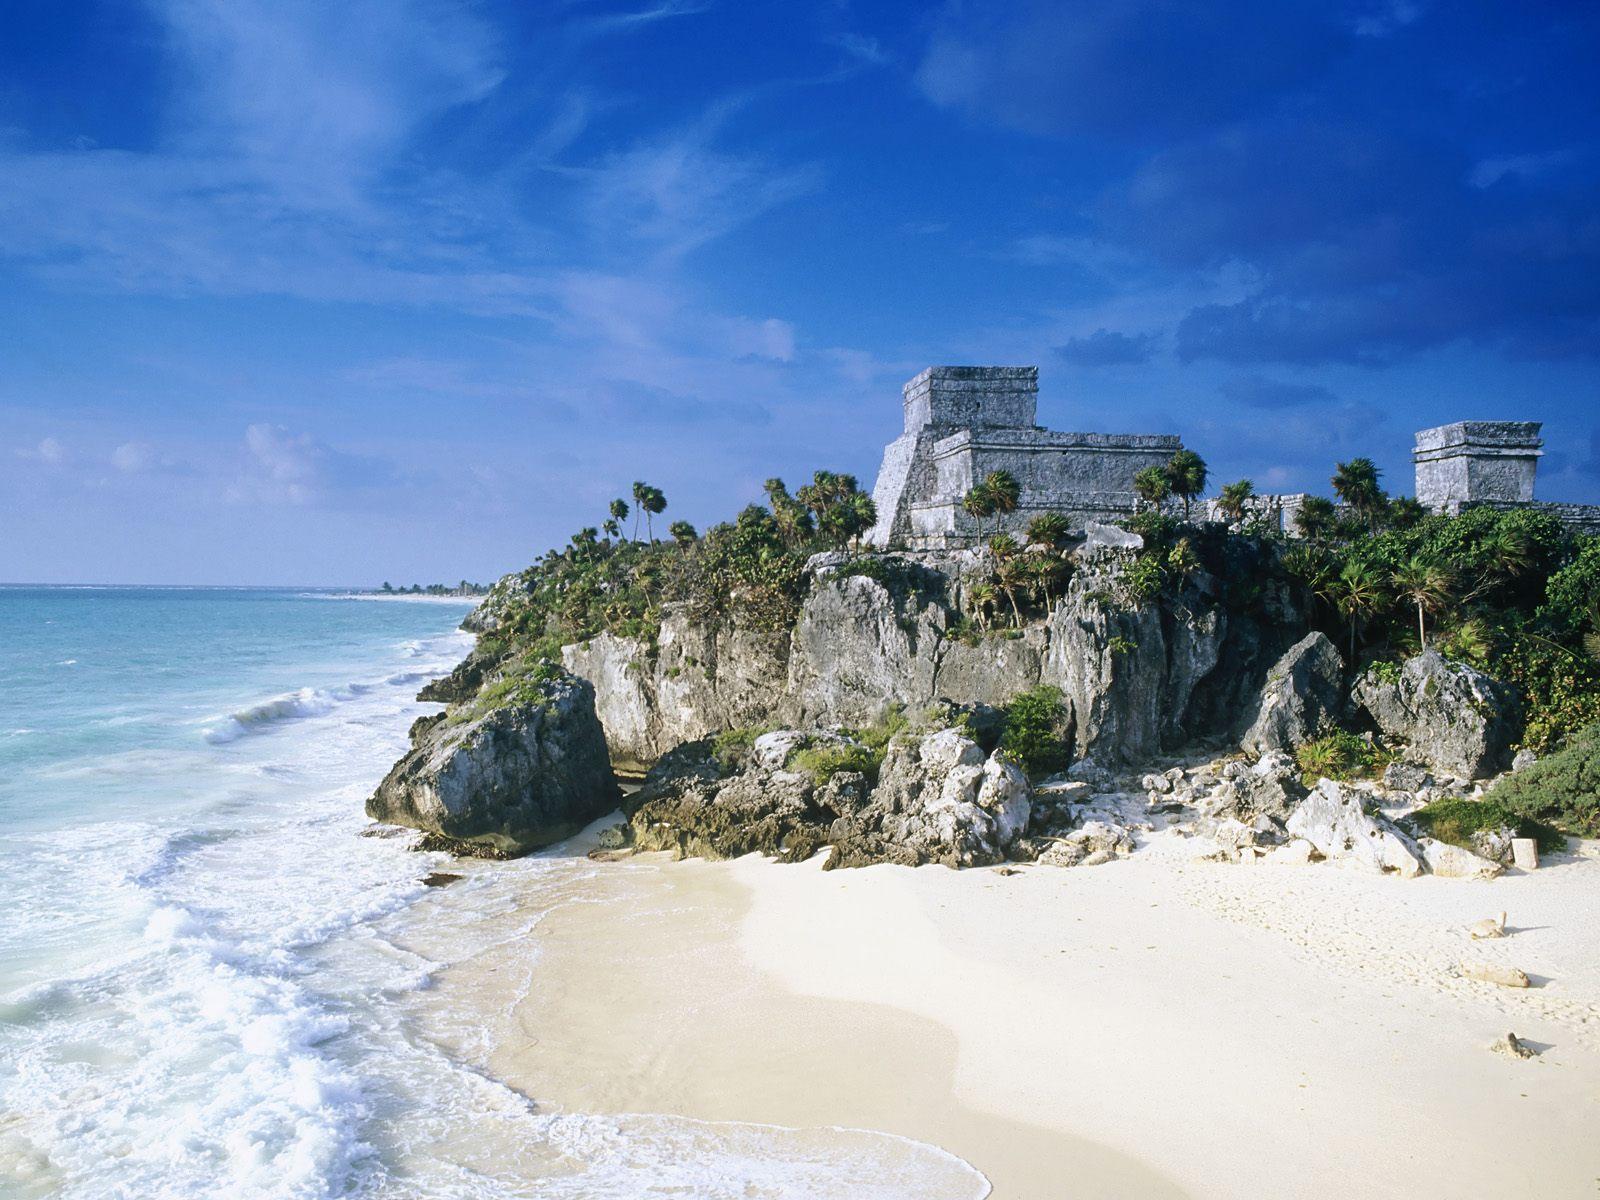 http://4.bp.blogspot.com/-zt4dsLSh9Rc/ThLIjirYubI/AAAAAAAAD5s/s3c-qxhzKeU/s1600/mayan+ruins+mexico+beach+normal.jpg